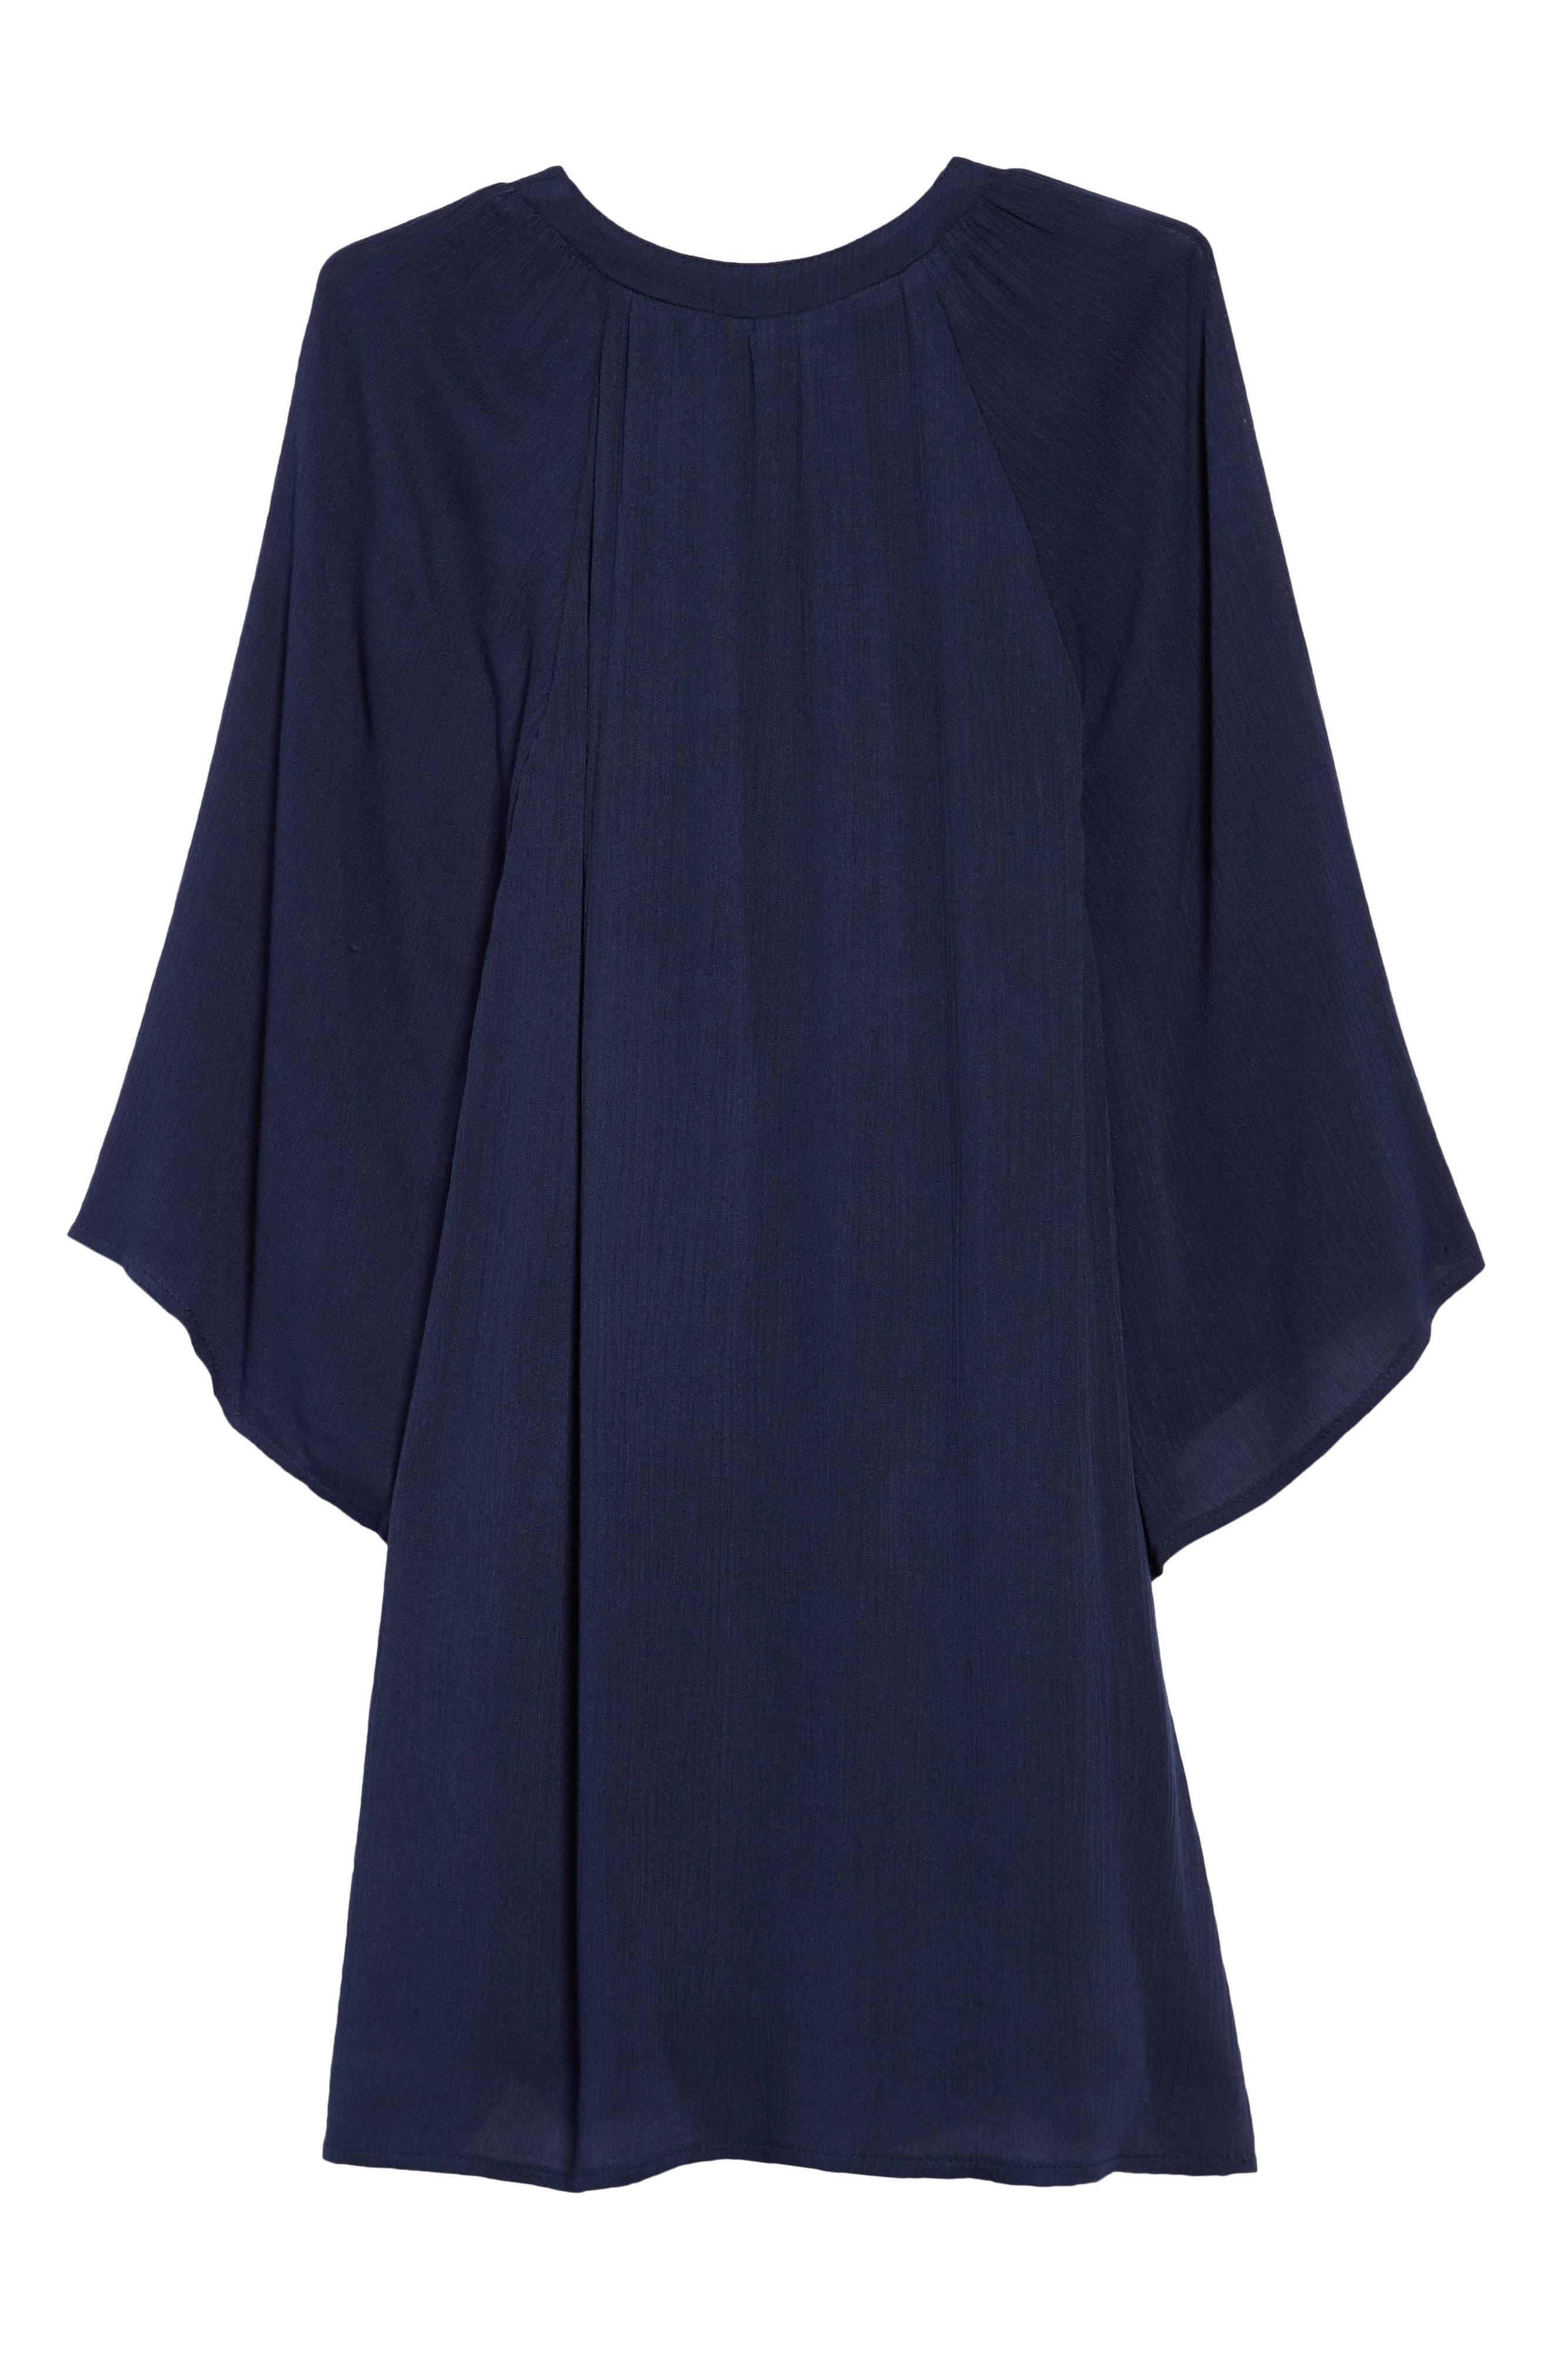 Vivienne Dress,                             Alternate thumbnail 2, color,                             Navy